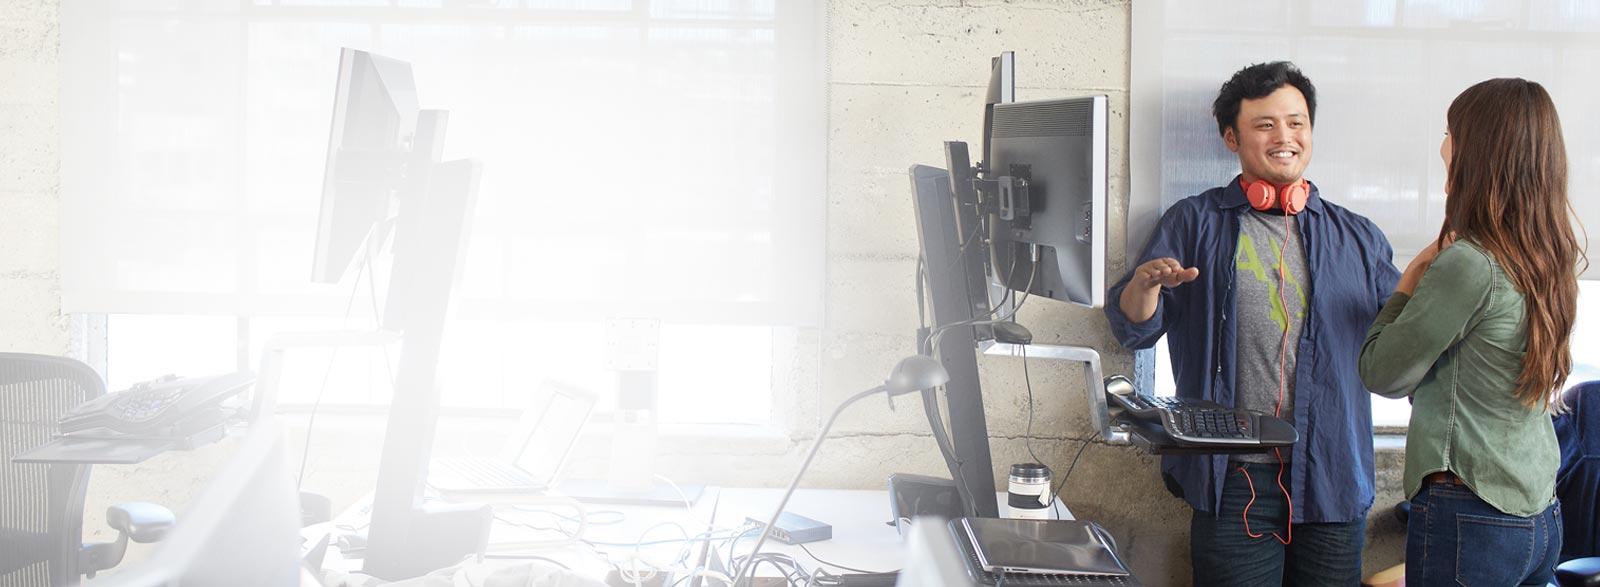 Um homem e uma mulher em um escritório, usando o Office 365 Business Premium.